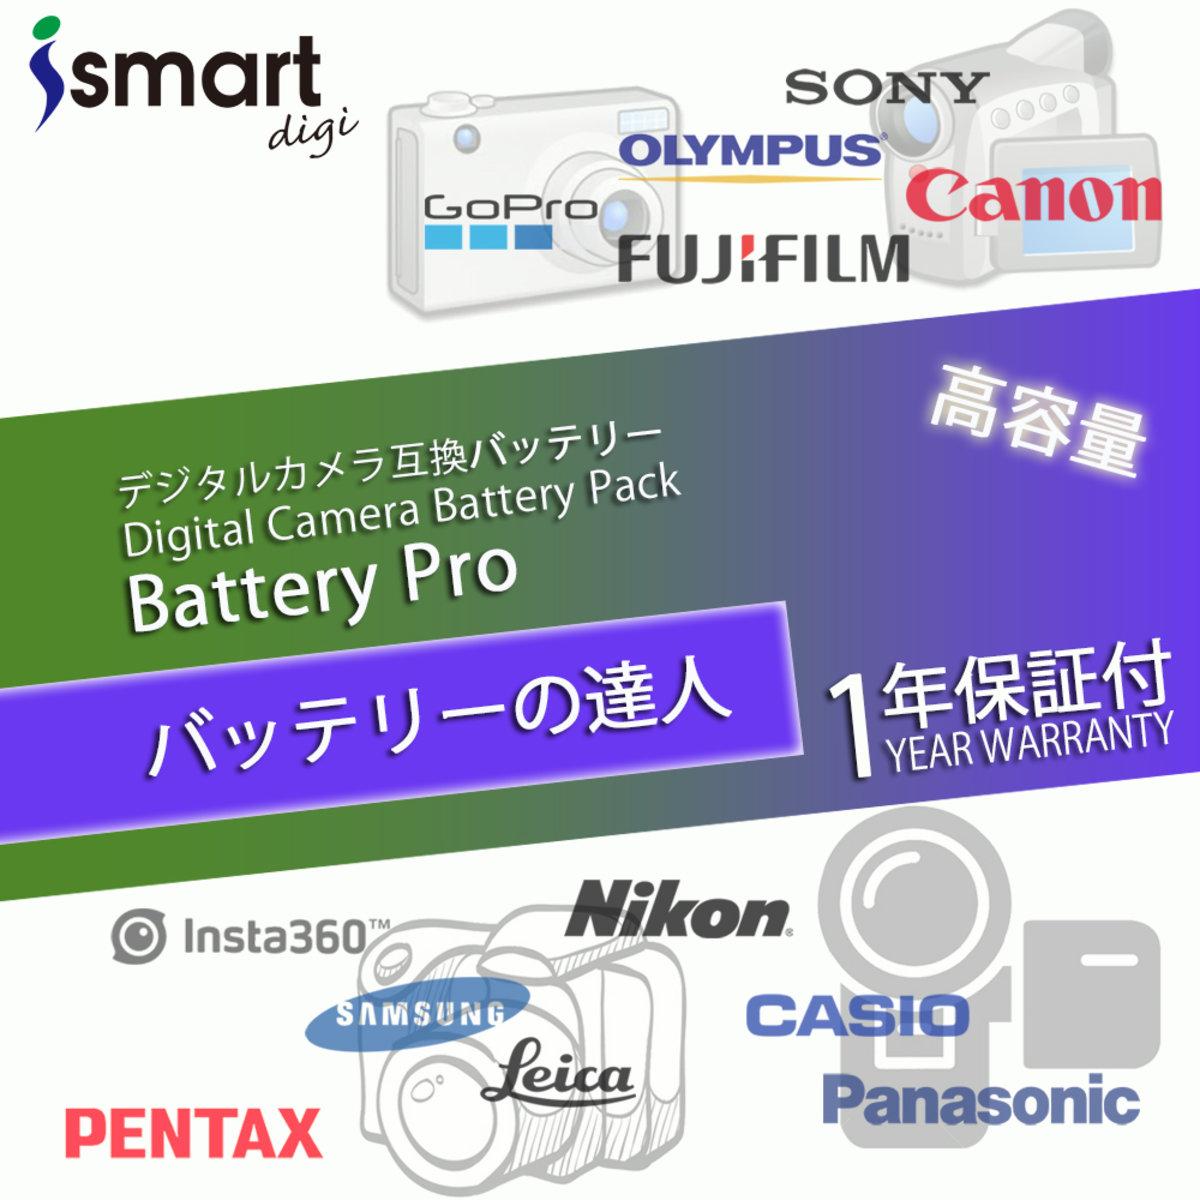 三星數碼相機電池(適合:HMX-R10,GR)